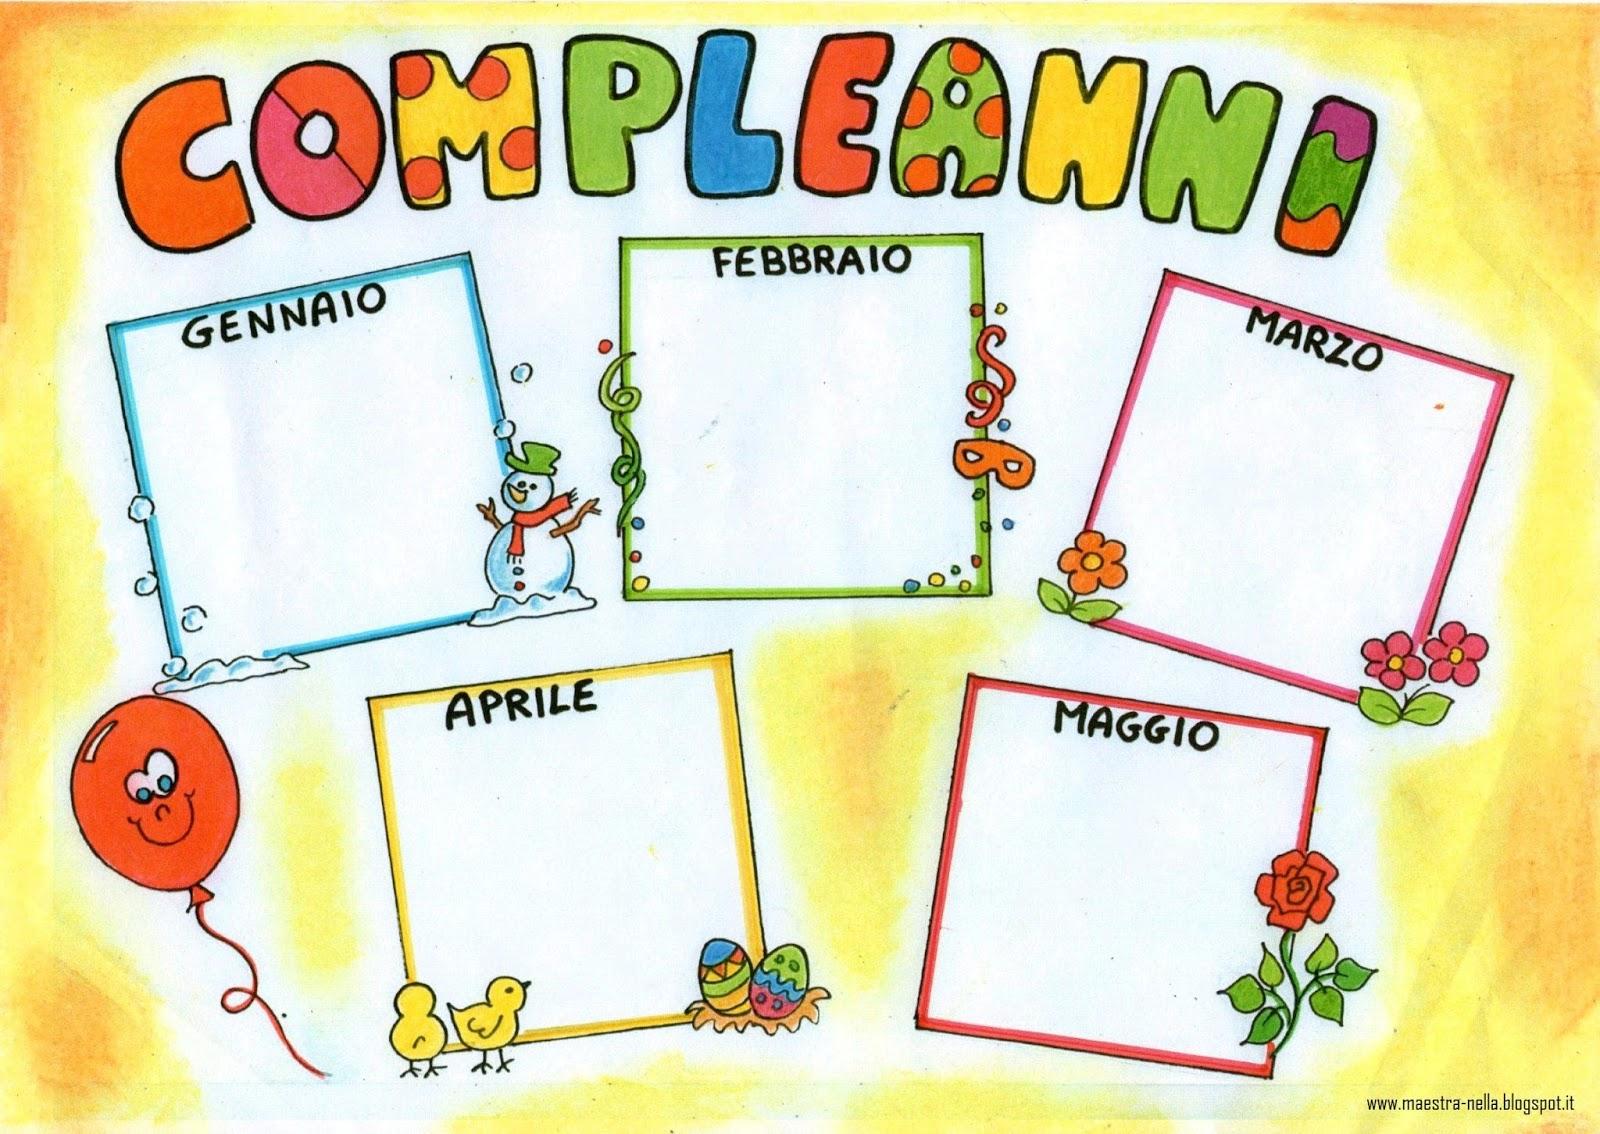 Lavoretti per compleanni fv25 regardsdefemmes for Idee per cartelloni scuola infanzia